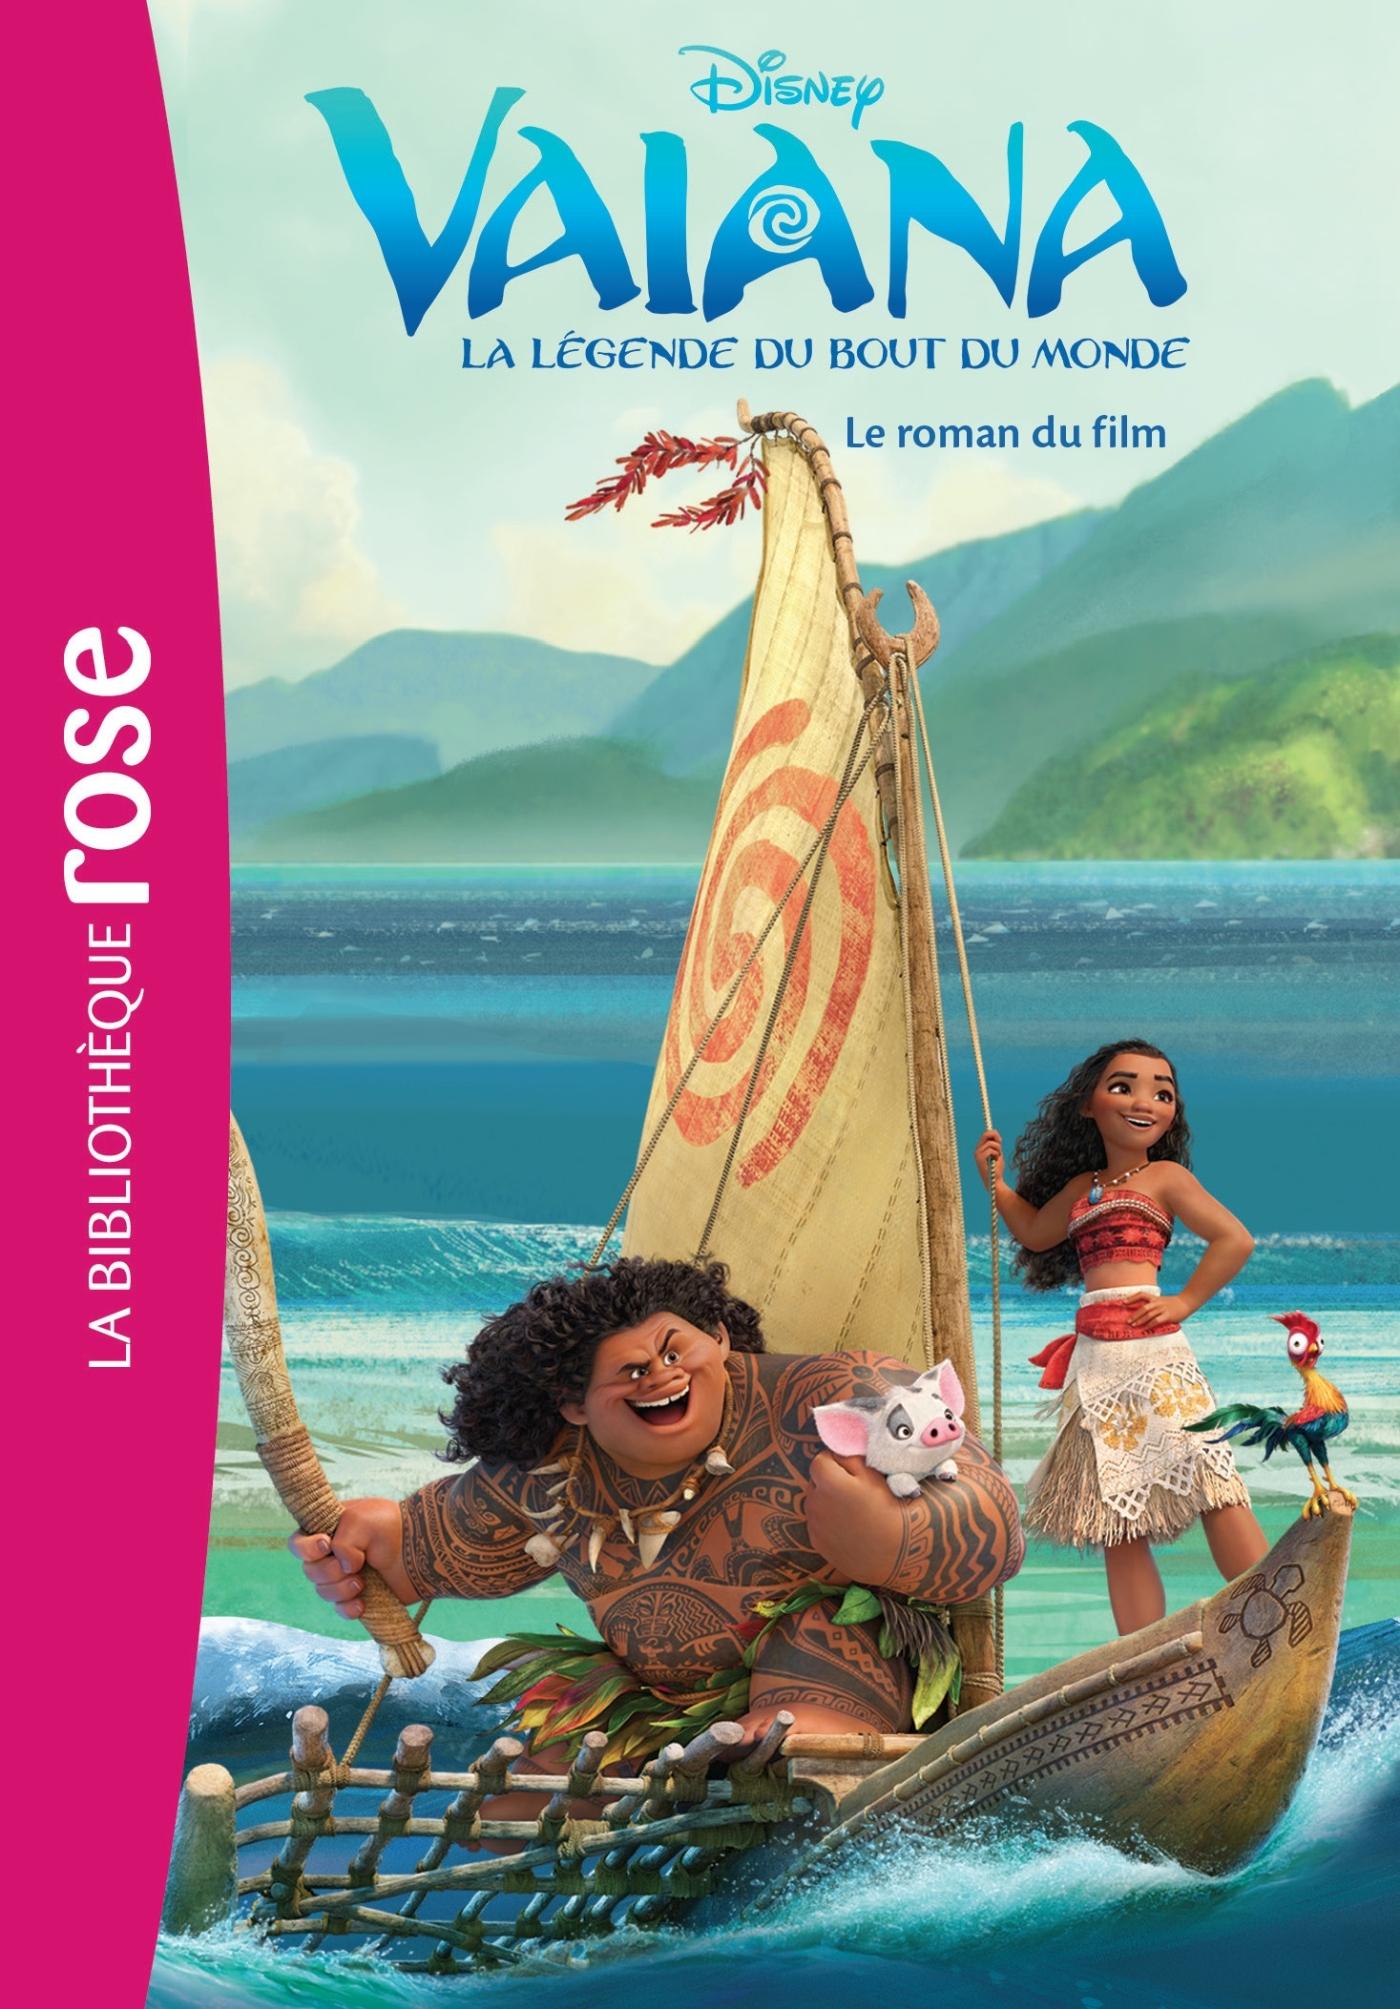 VAIANA, LA LEGENDE DU BOUT DU MONDE - LE ROMAN DU FILM